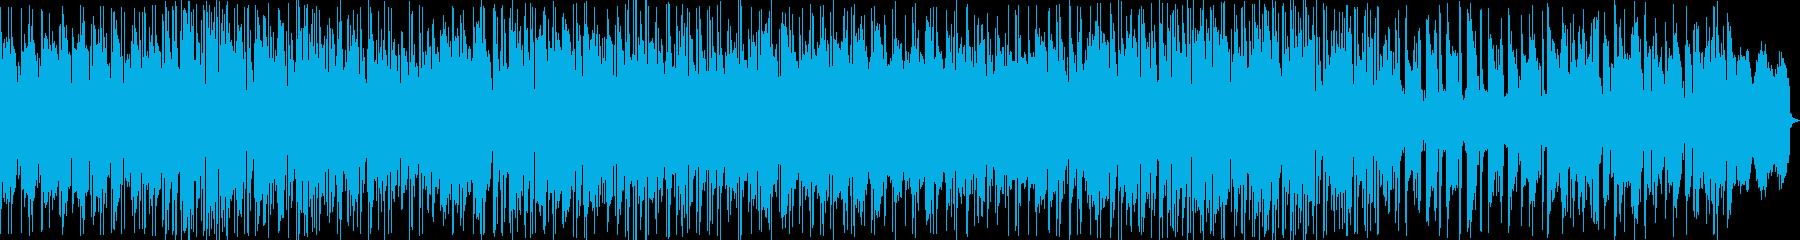 ナレーションの妨げにならないボサノバ曲の再生済みの波形